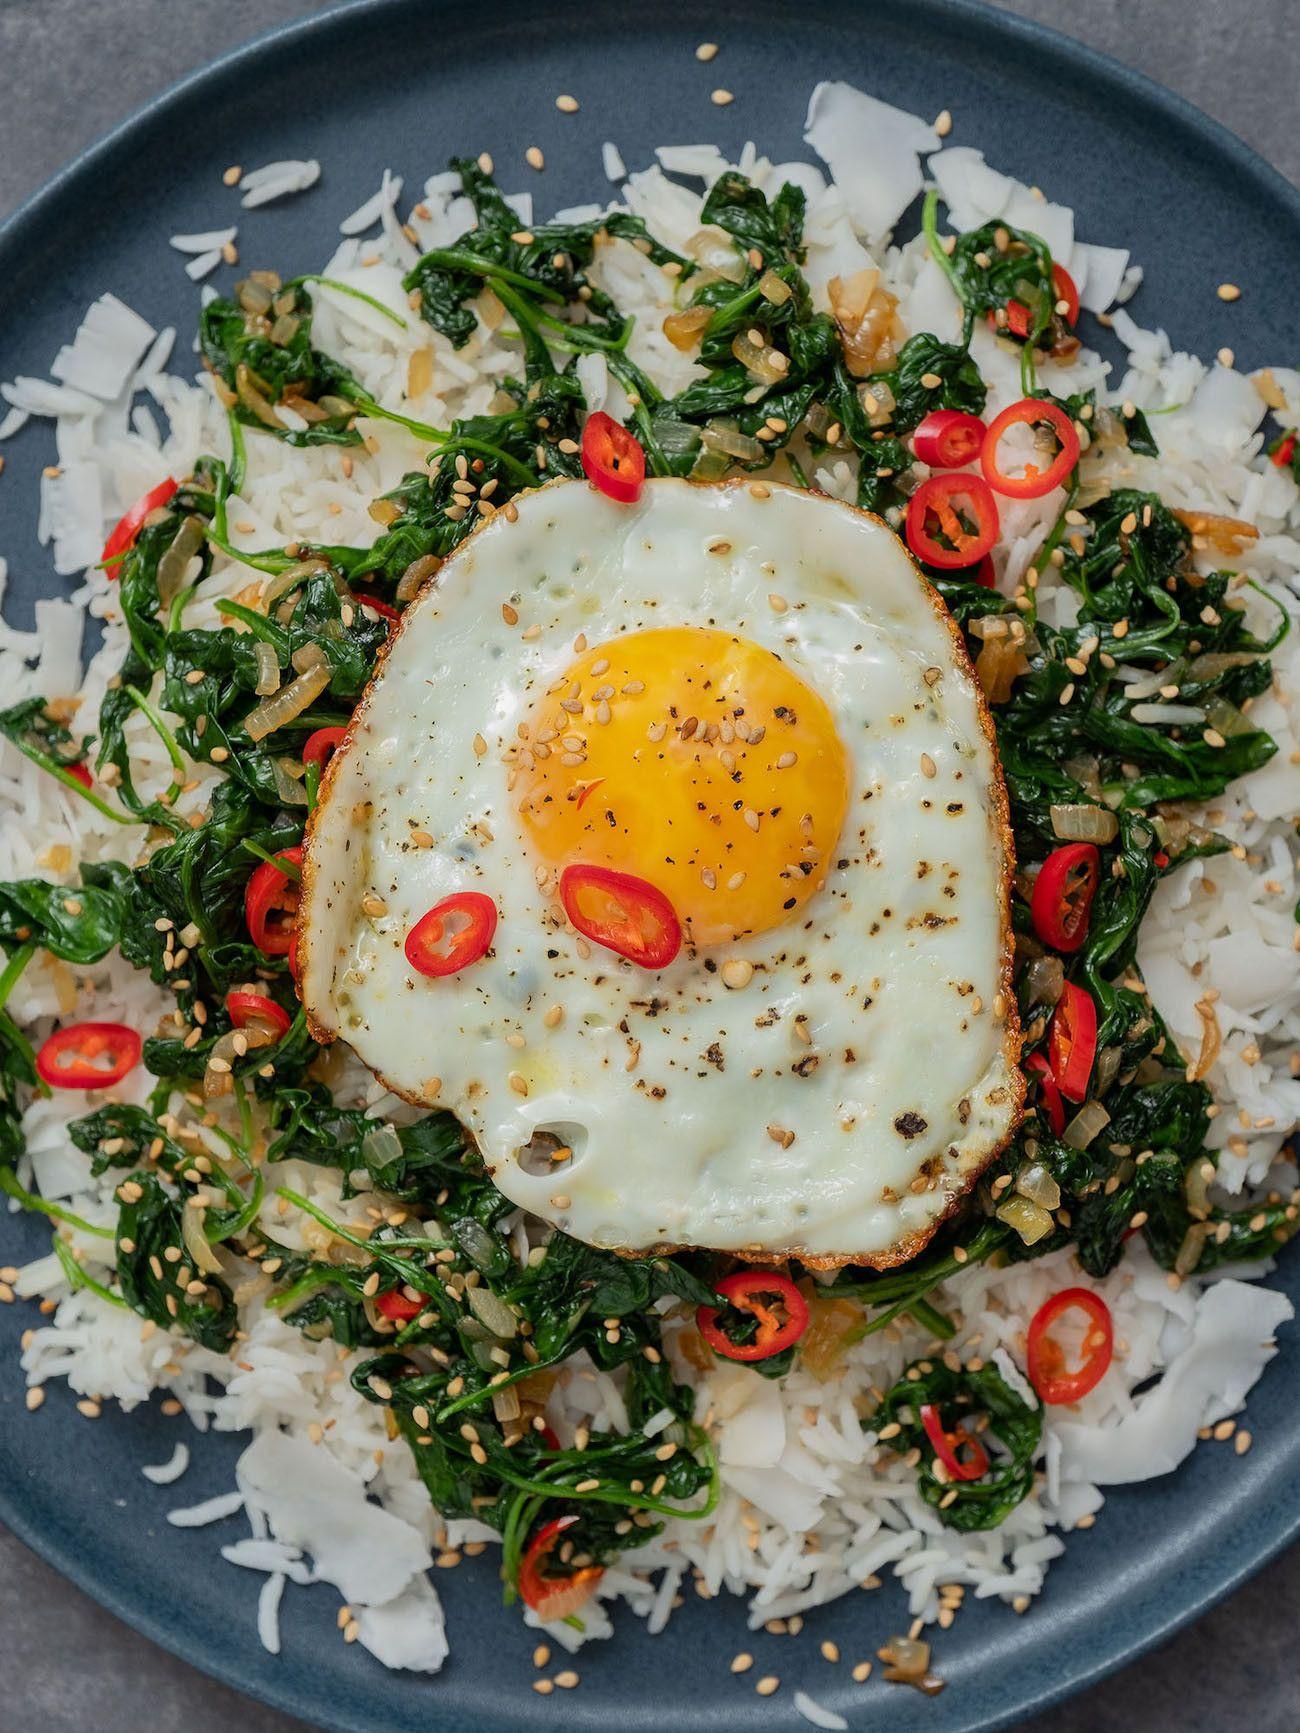 Foodblog About Fuel, Rezept Kokosreis mit Sesam-Spinat und Spigelei, Chili, Teller